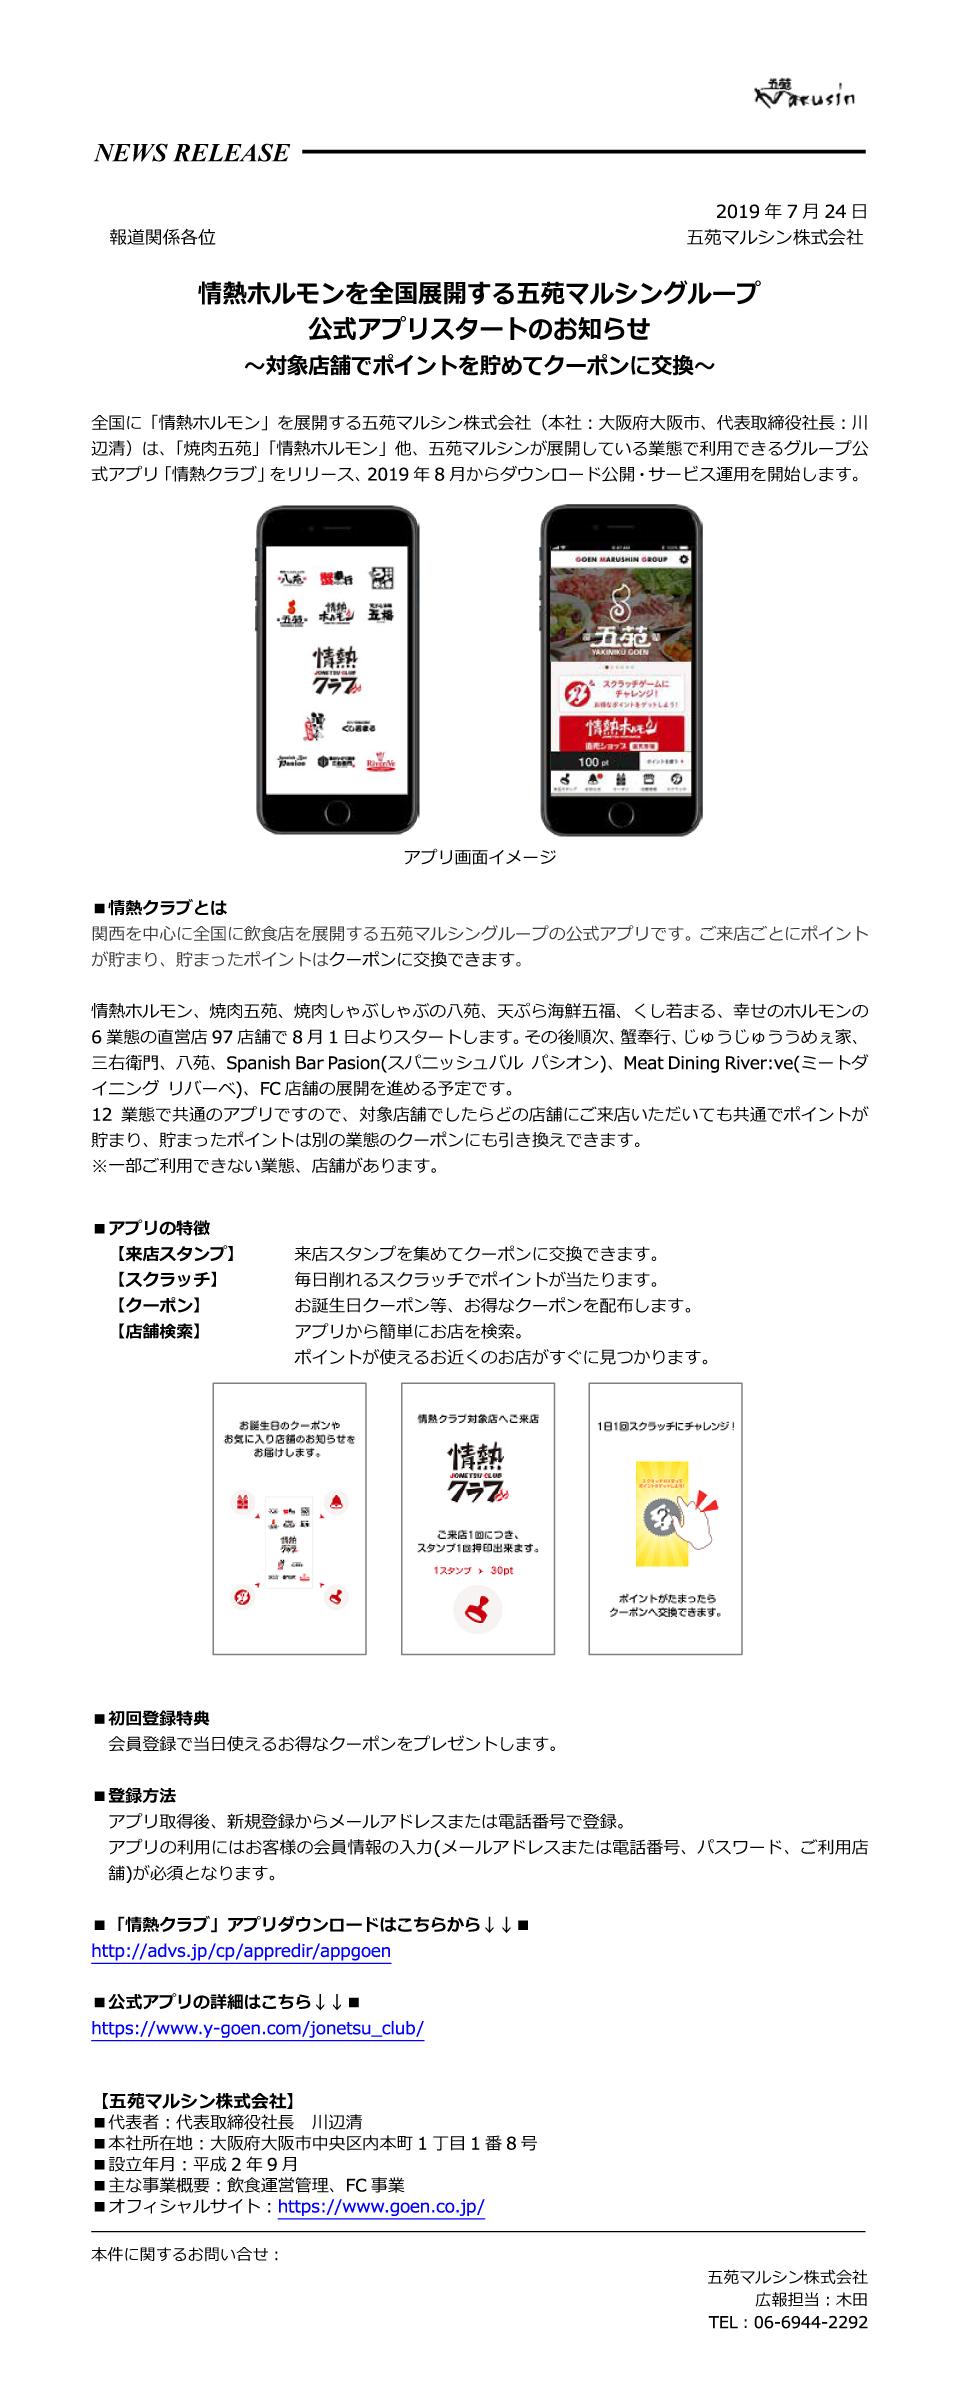 情熱ホルモン_五苑マルシングループ_公式アプリ